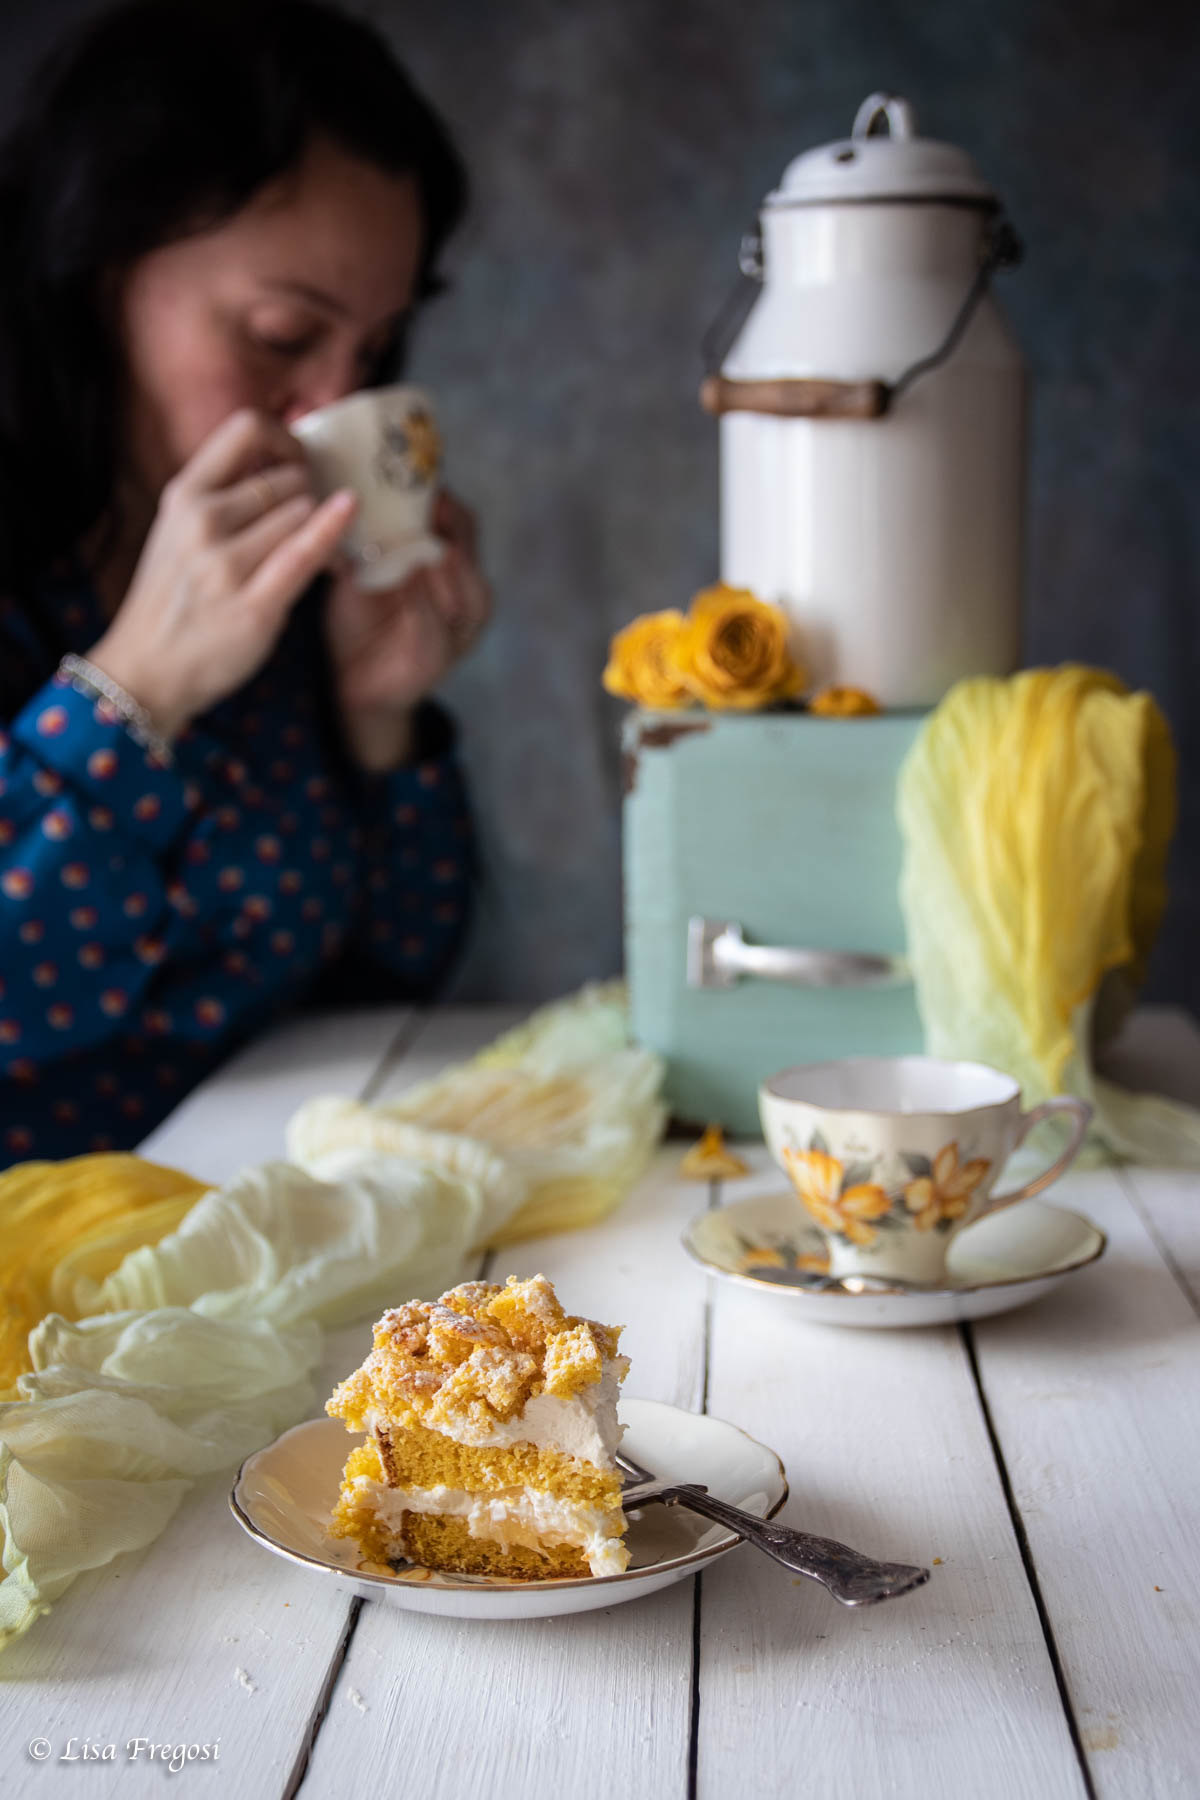 la ricetta dellla torta mimosa con ananas e crema al mascarpone